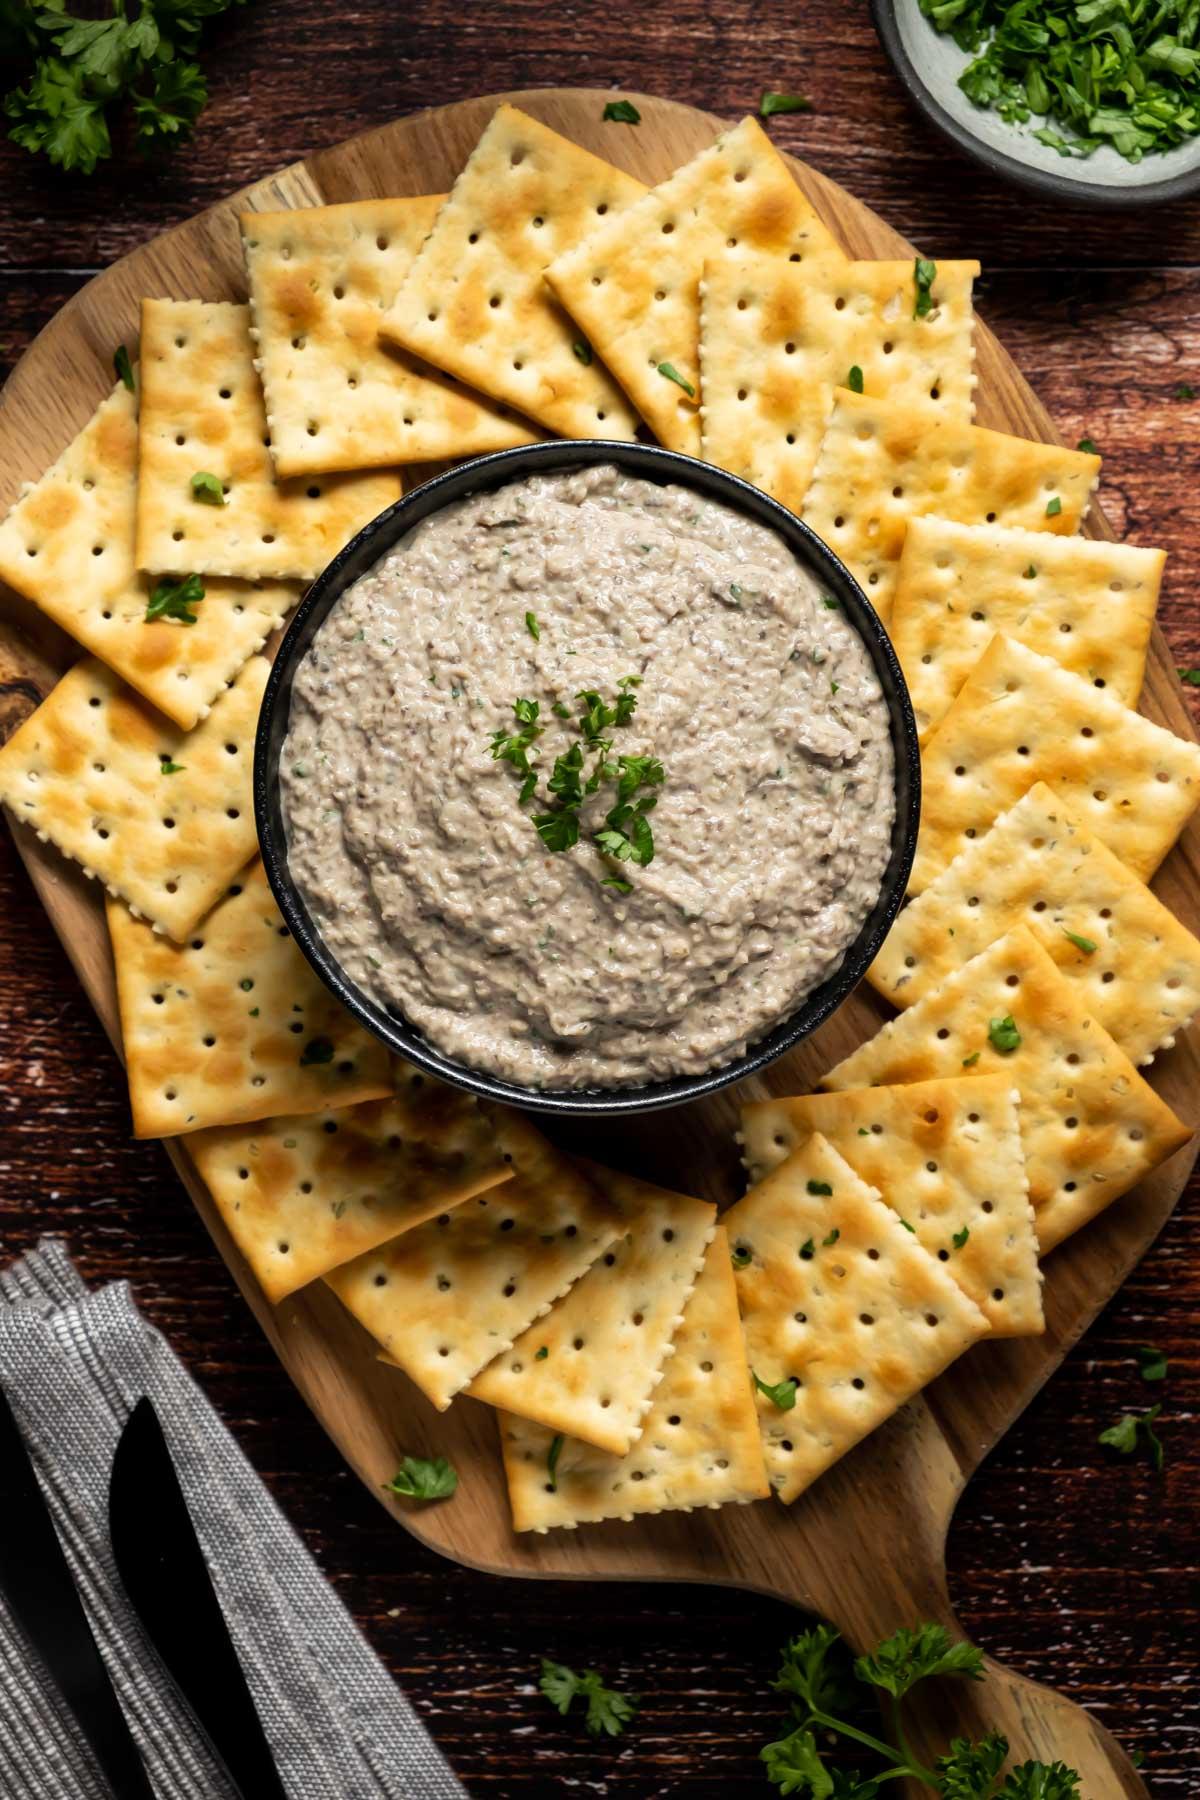 Vegan mushroom pâté in a black bowl with crackers.